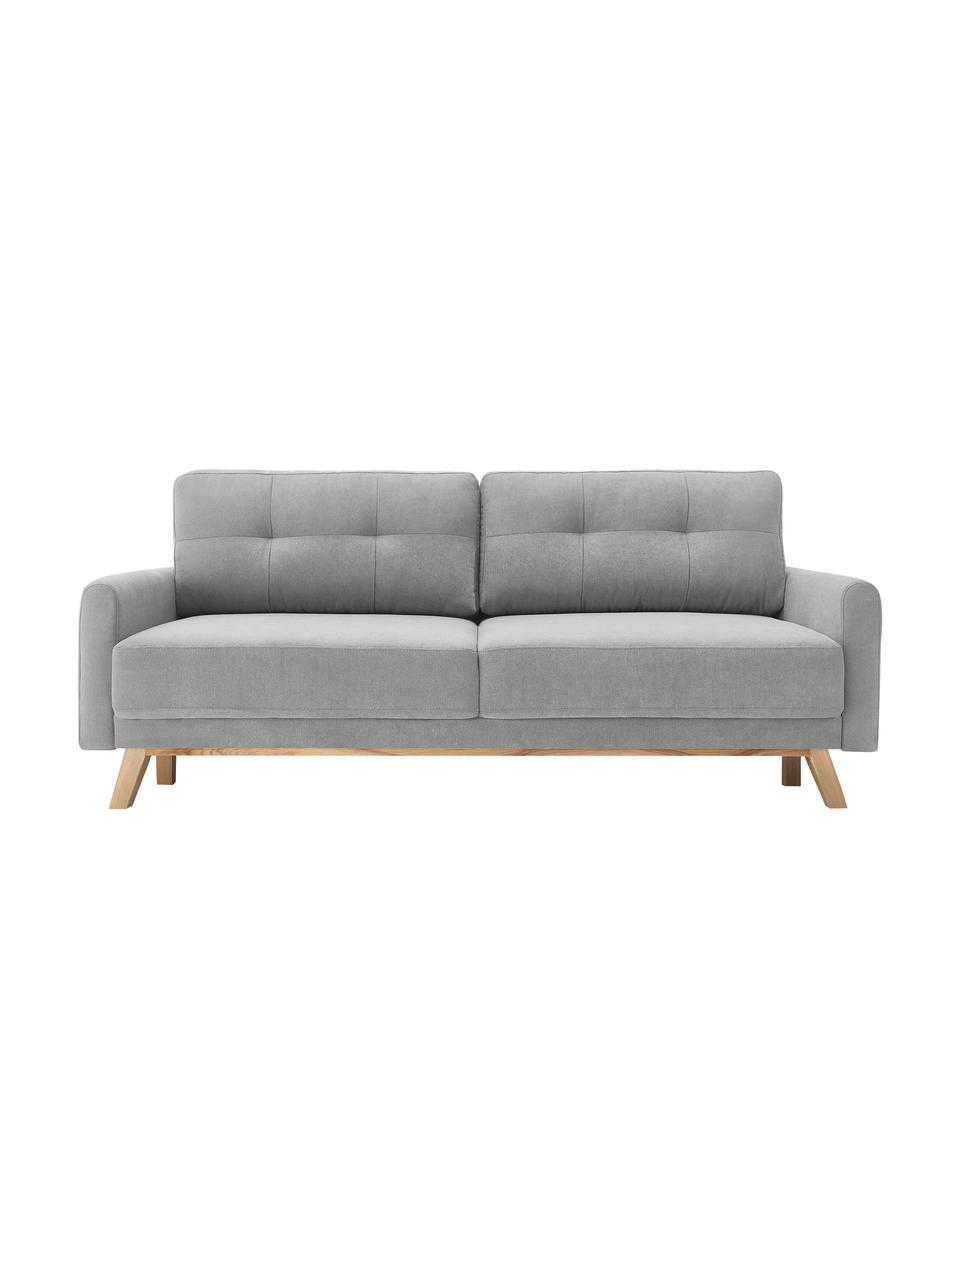 Sofa rozkładana z aksamitu ze schowkiem Balio (3-osobowa), Tapicerka: 100% aksamit poliestrowy , Nogi: drewno naturalne, Aksamitny jasny szary, S 216 x G 102 cm